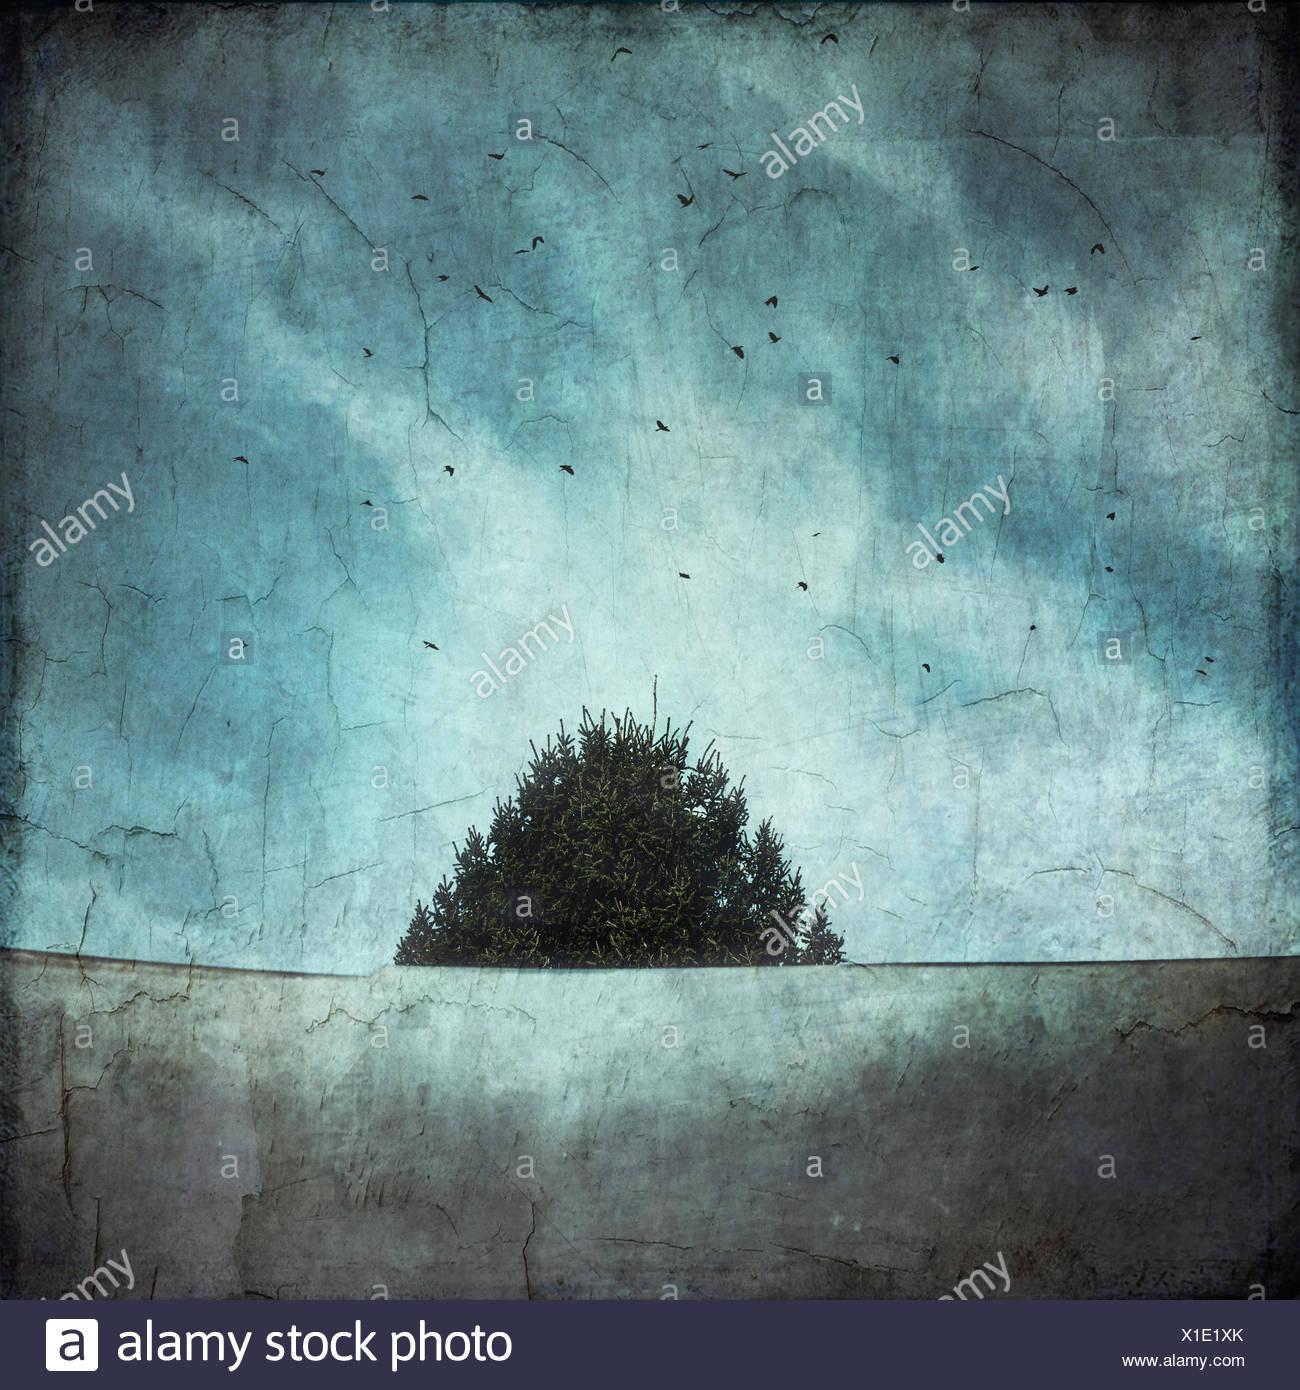 Treetop y techo con las aves voladoras, efecto texturado Imagen De Stock